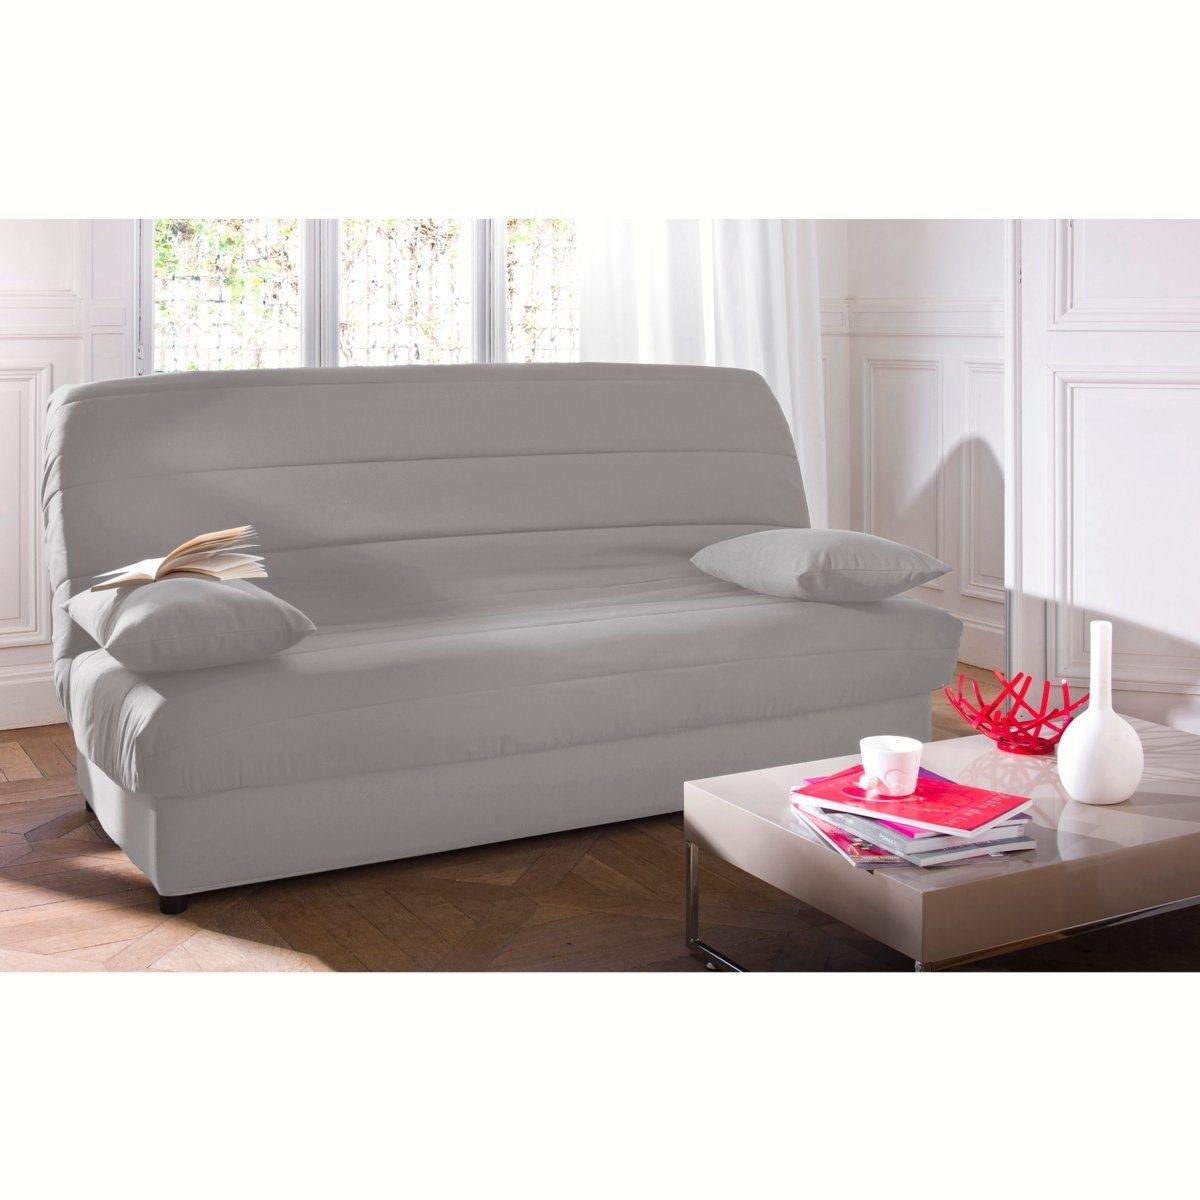 Чехол стеганый из поликоттона для раскладного дивана ASARET